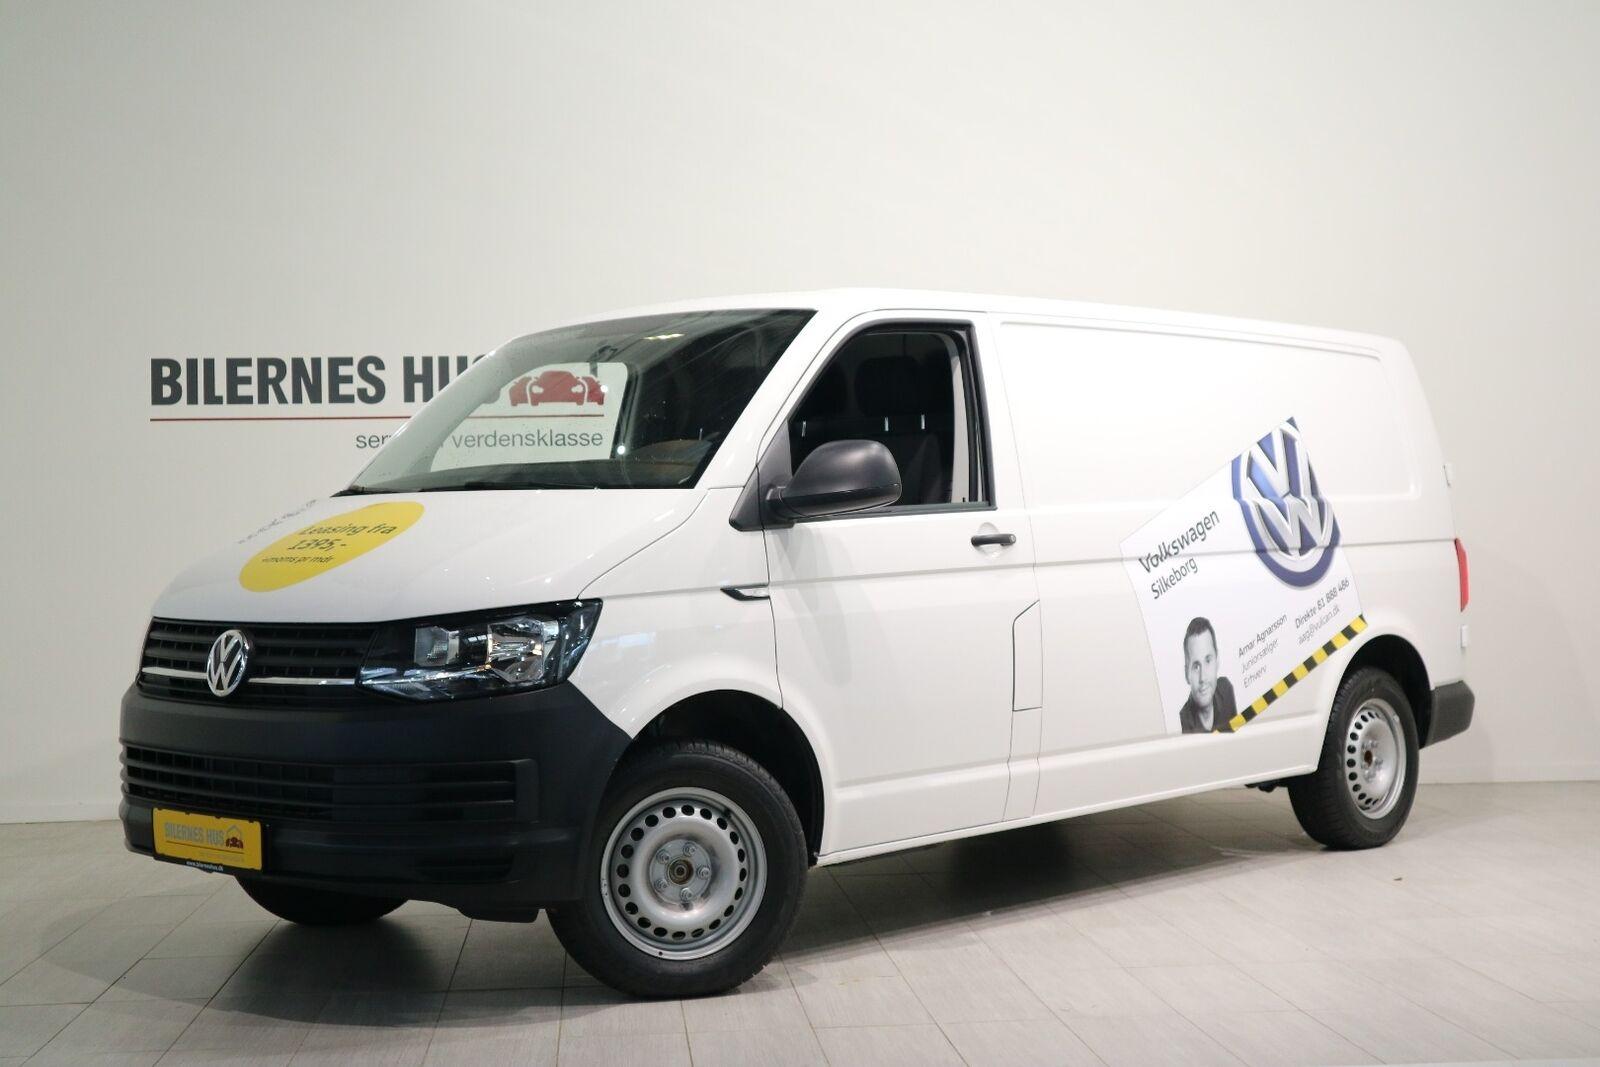 VW Transporter 2,0 TDi 102 Kassevogn lang